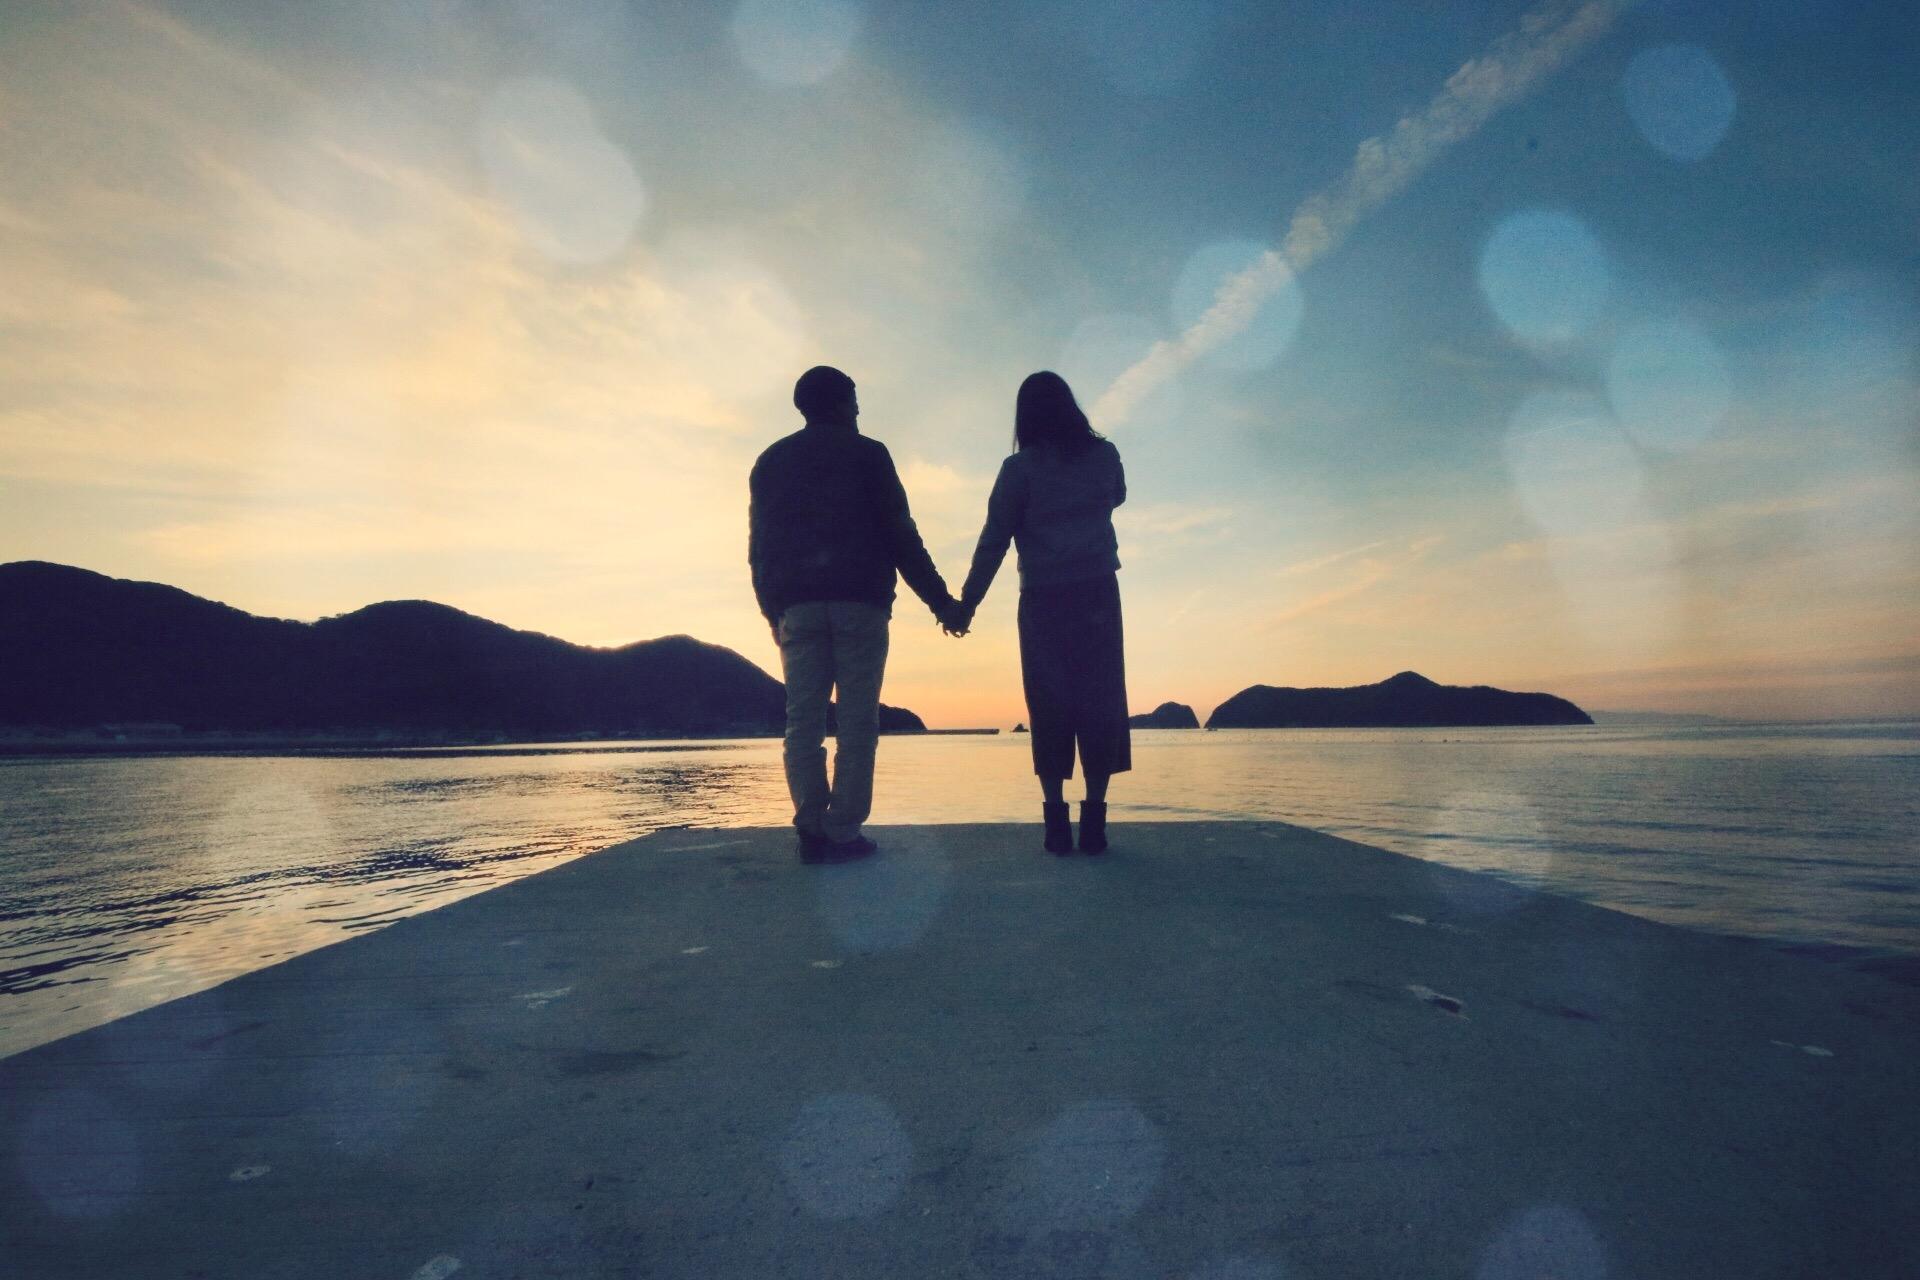 301737369a8e3c25d23c128f0a2cf267 m - 夫婦関係を修復・・・パートナーを認めてみましょう!